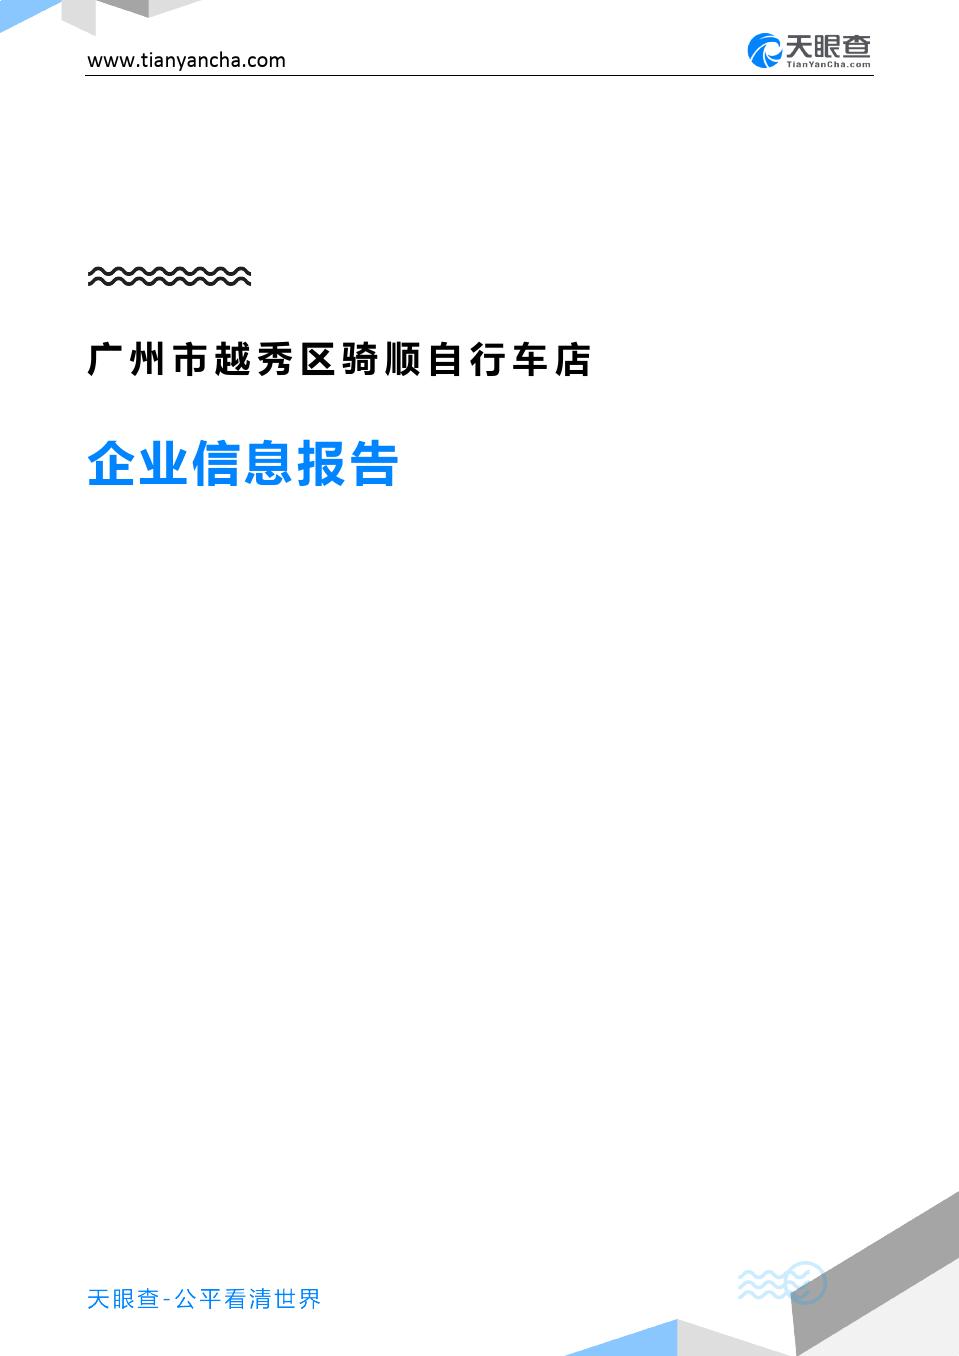 广州市越秀区骑顺自行车店企业信息报告-天眼查